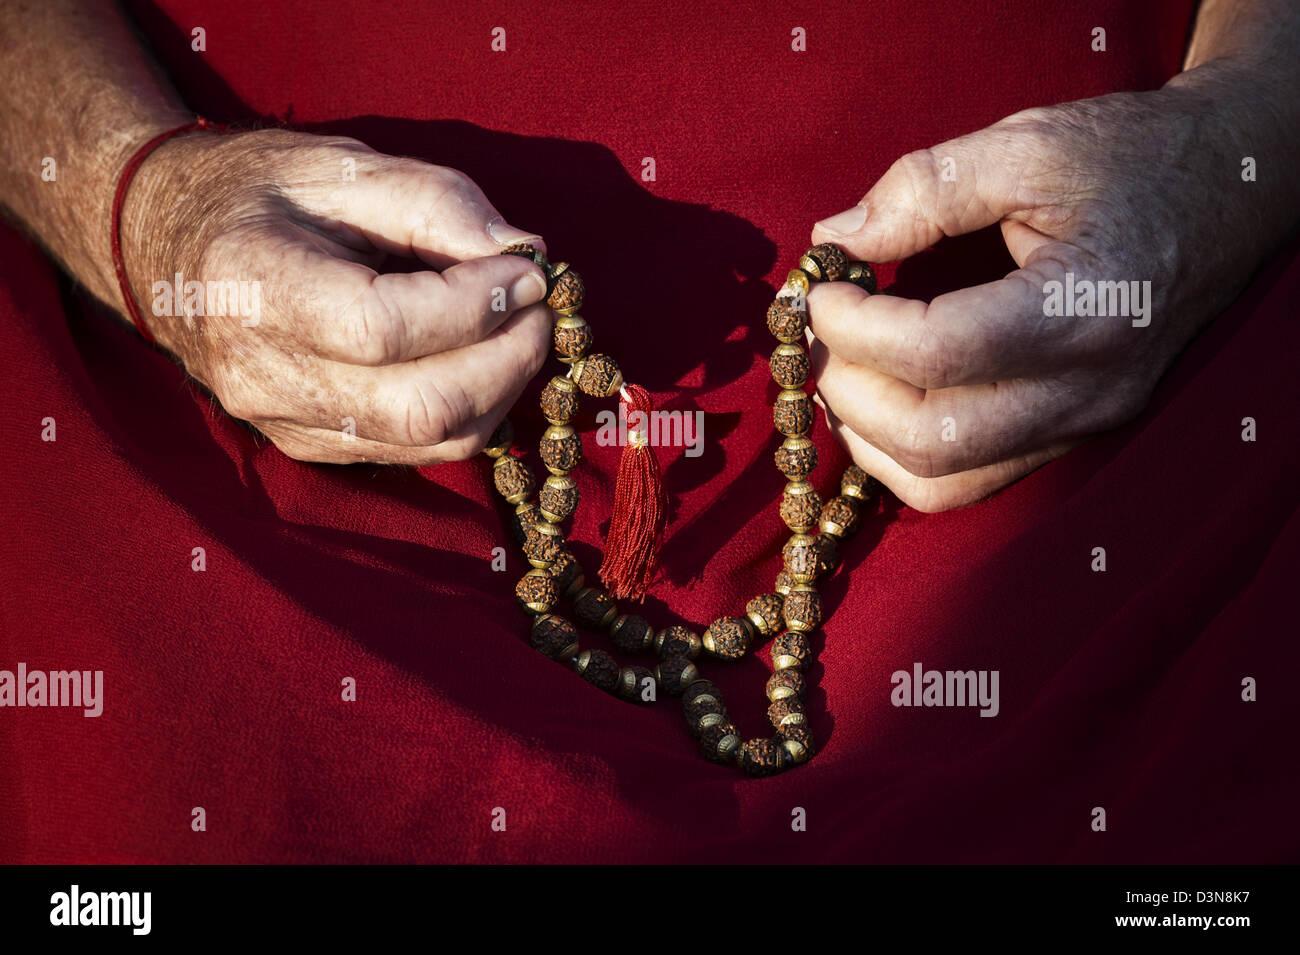 Old mans Händen mit indischen Rudraksha / Japa Mala Gebetskette Stockfoto